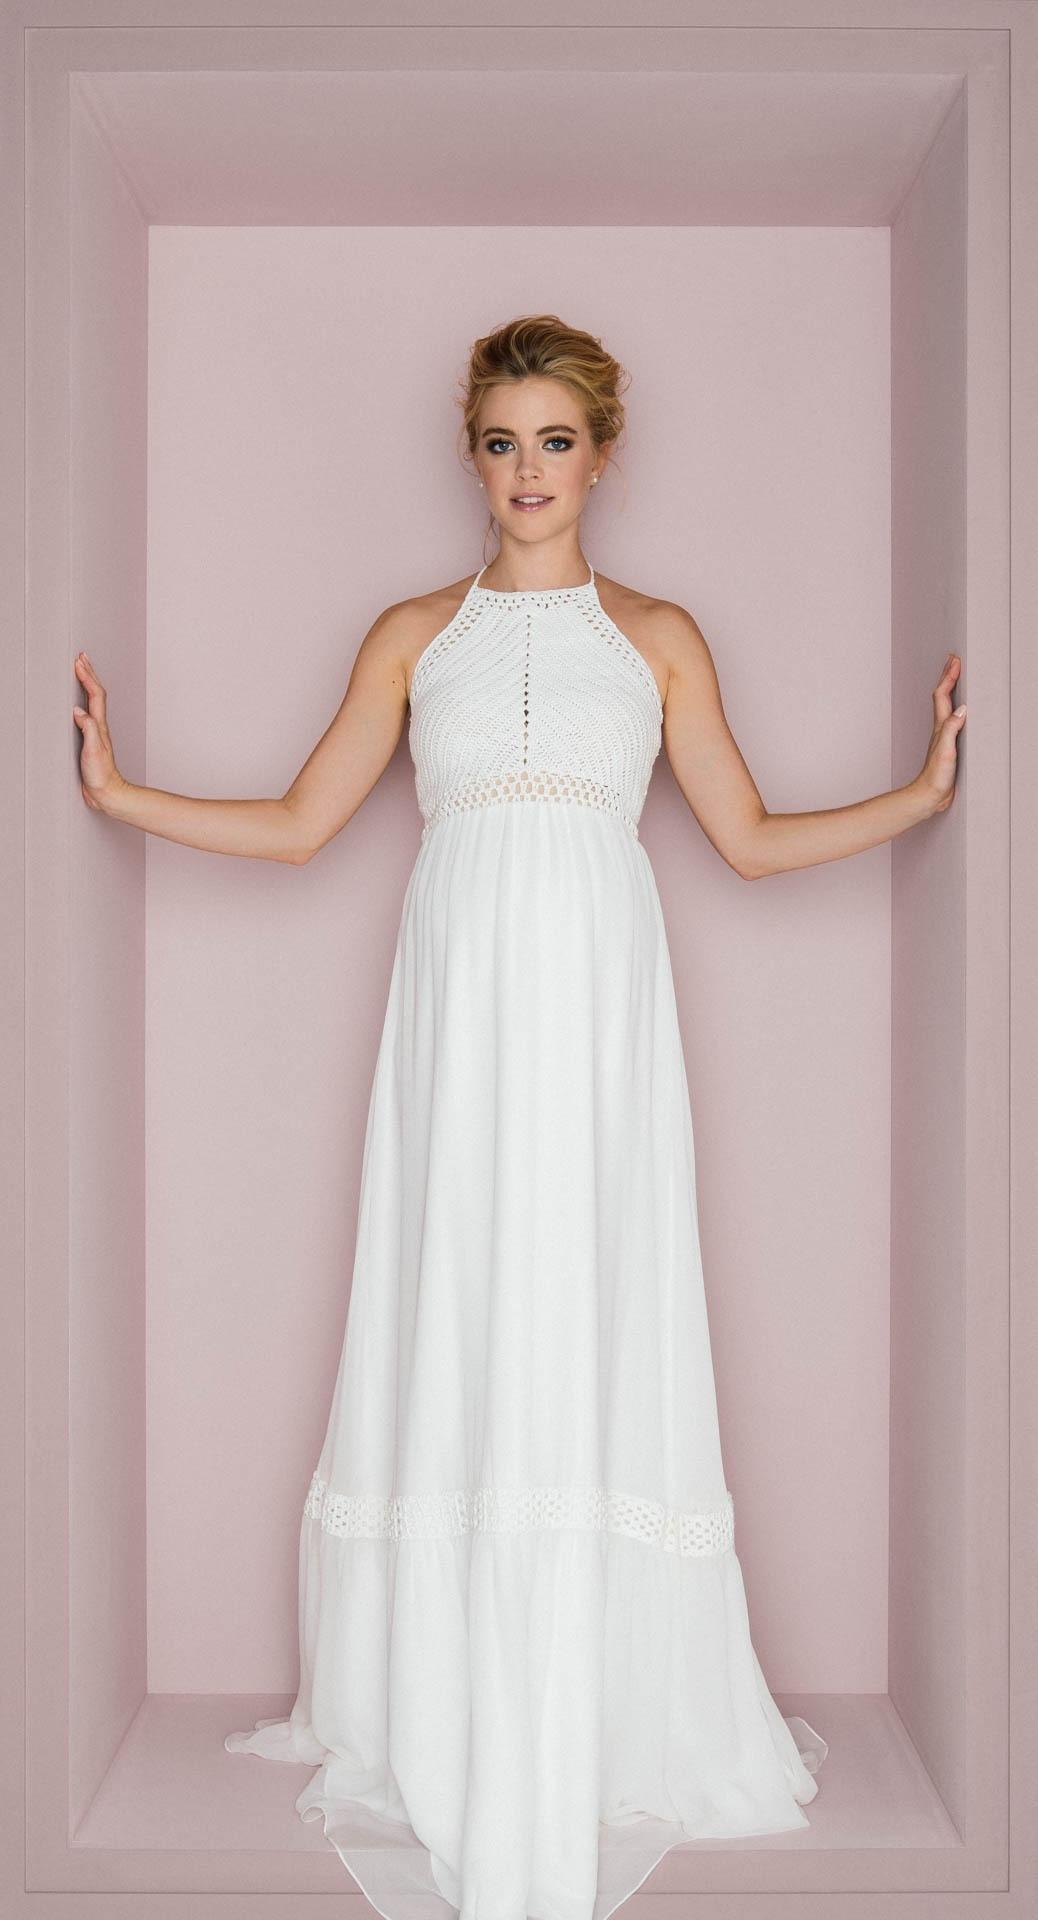 Formal Schön Brautkleider Für Schwangere Galerie17 Elegant Brautkleider Für Schwangere Design